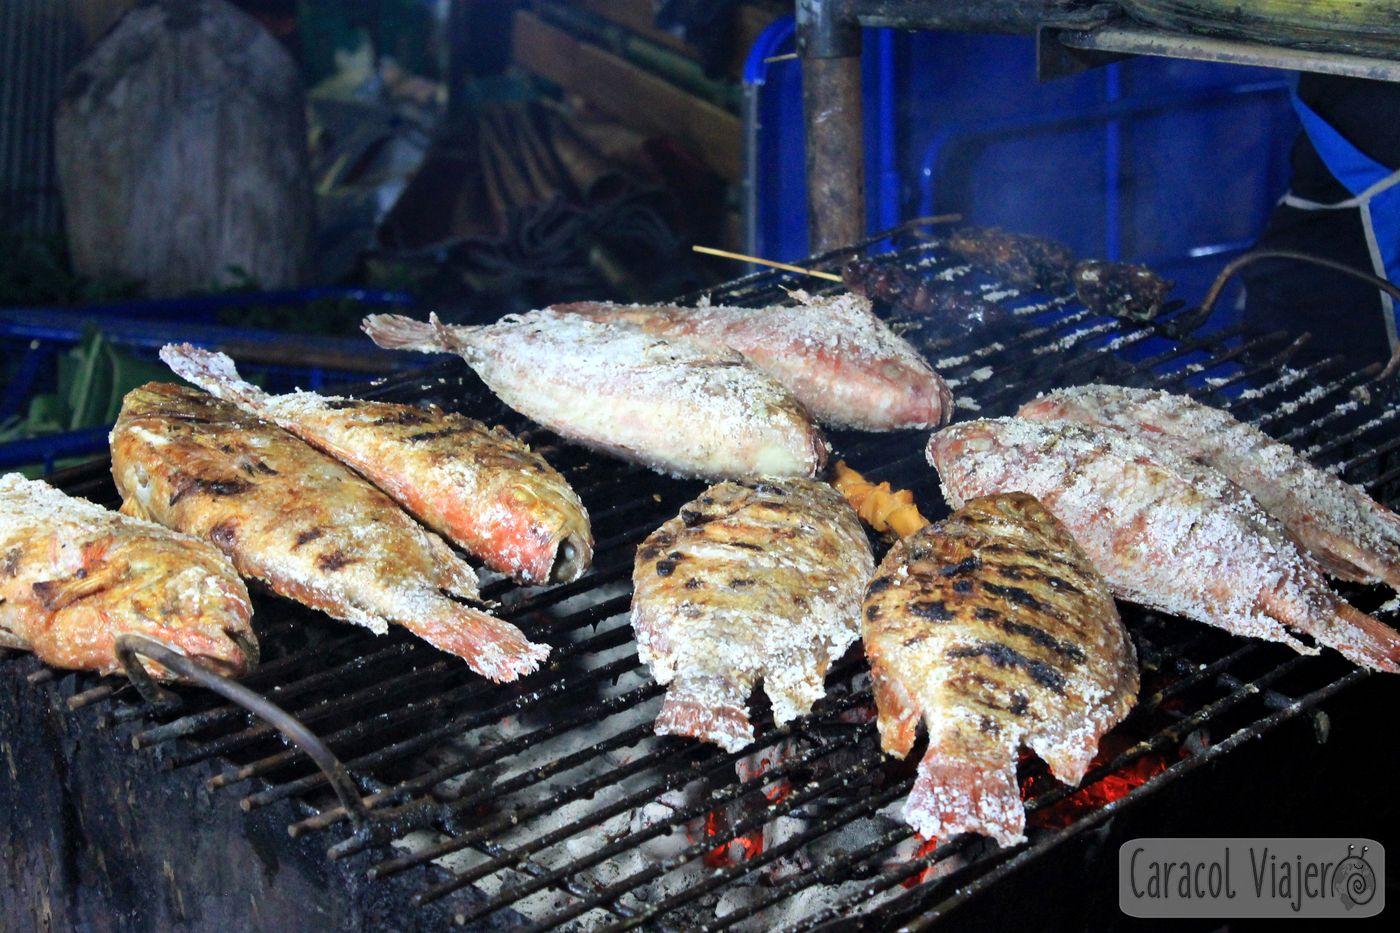 Ascuas pescado